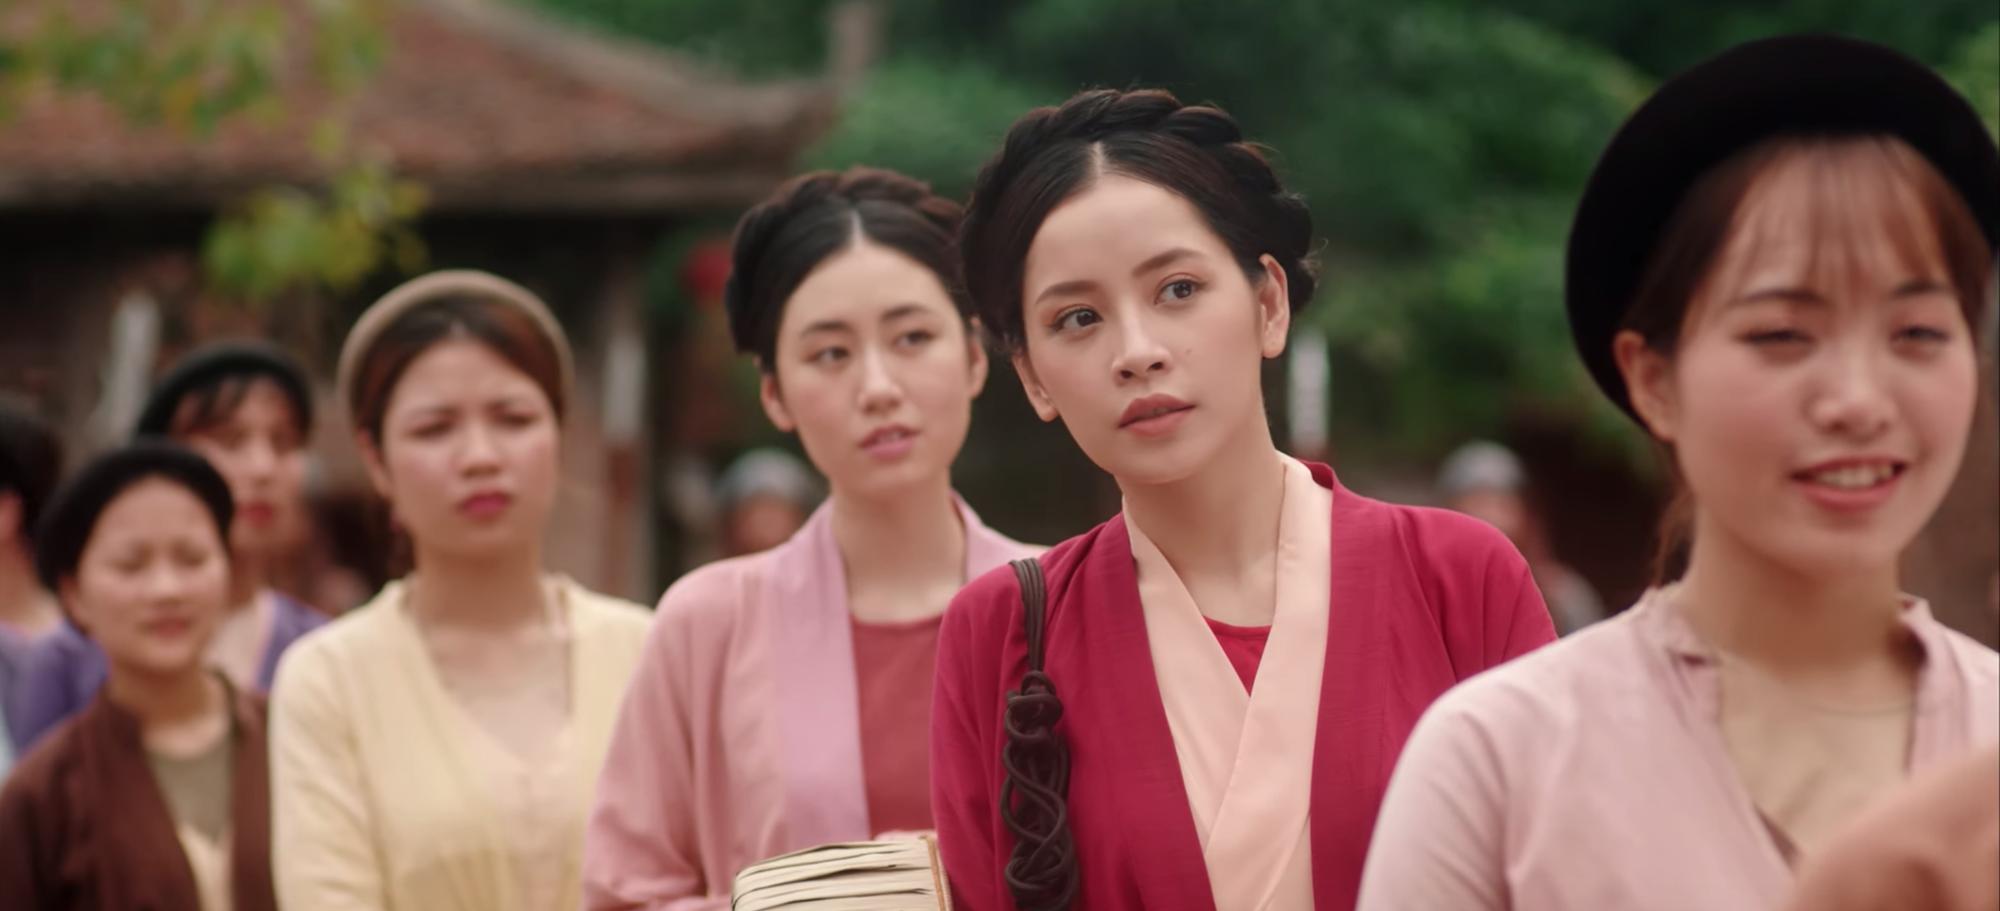 Chi Pu ra mắt MV Anh ơi ở lại, xóa tan mọi nghi ngờ về khả năng ca hát - Ảnh 4.